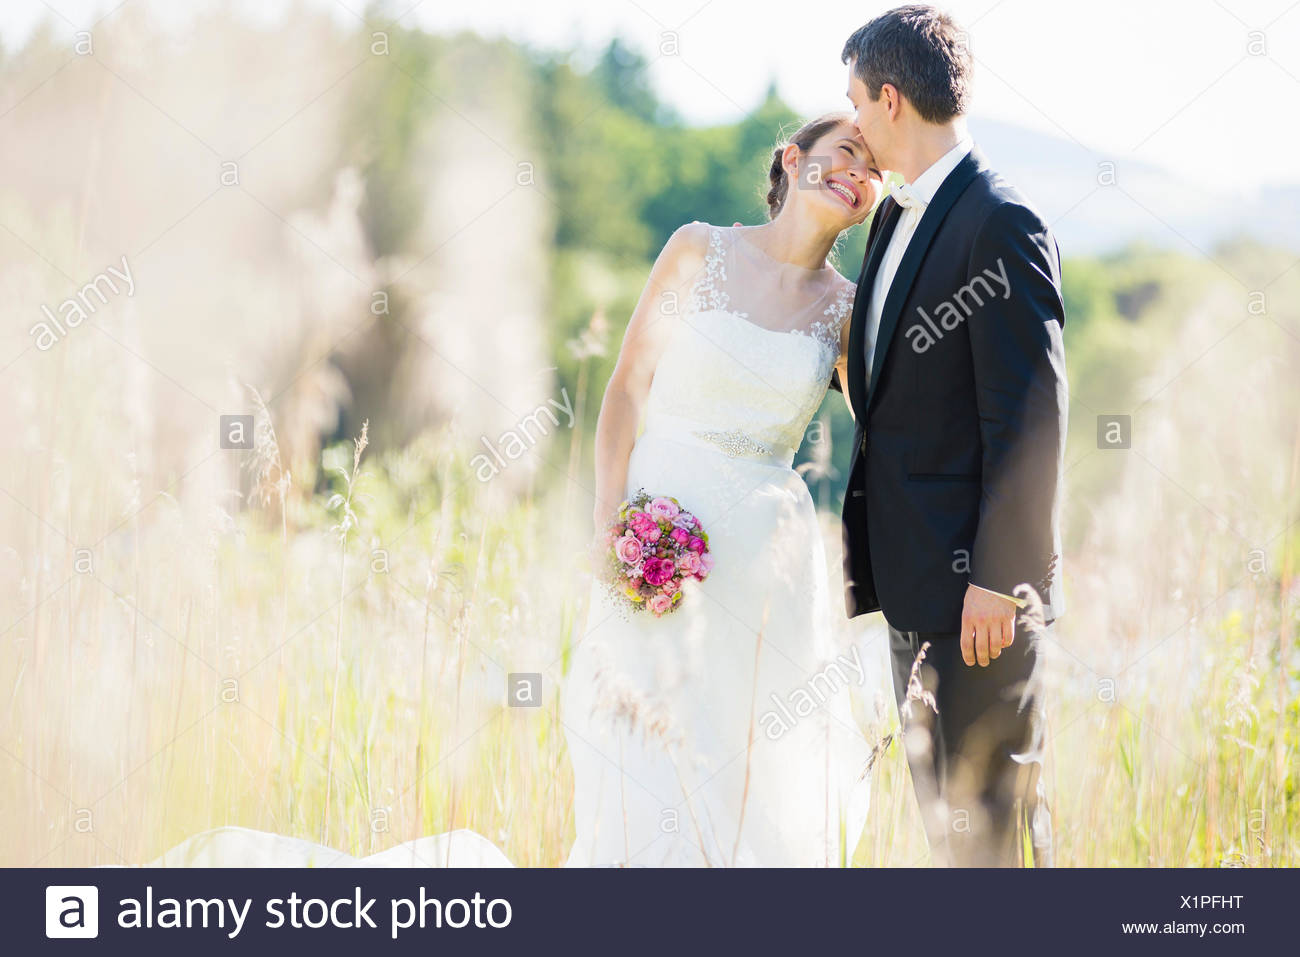 Ehrliches Porträt von Braut und Bräutigam im Feld Stockbild